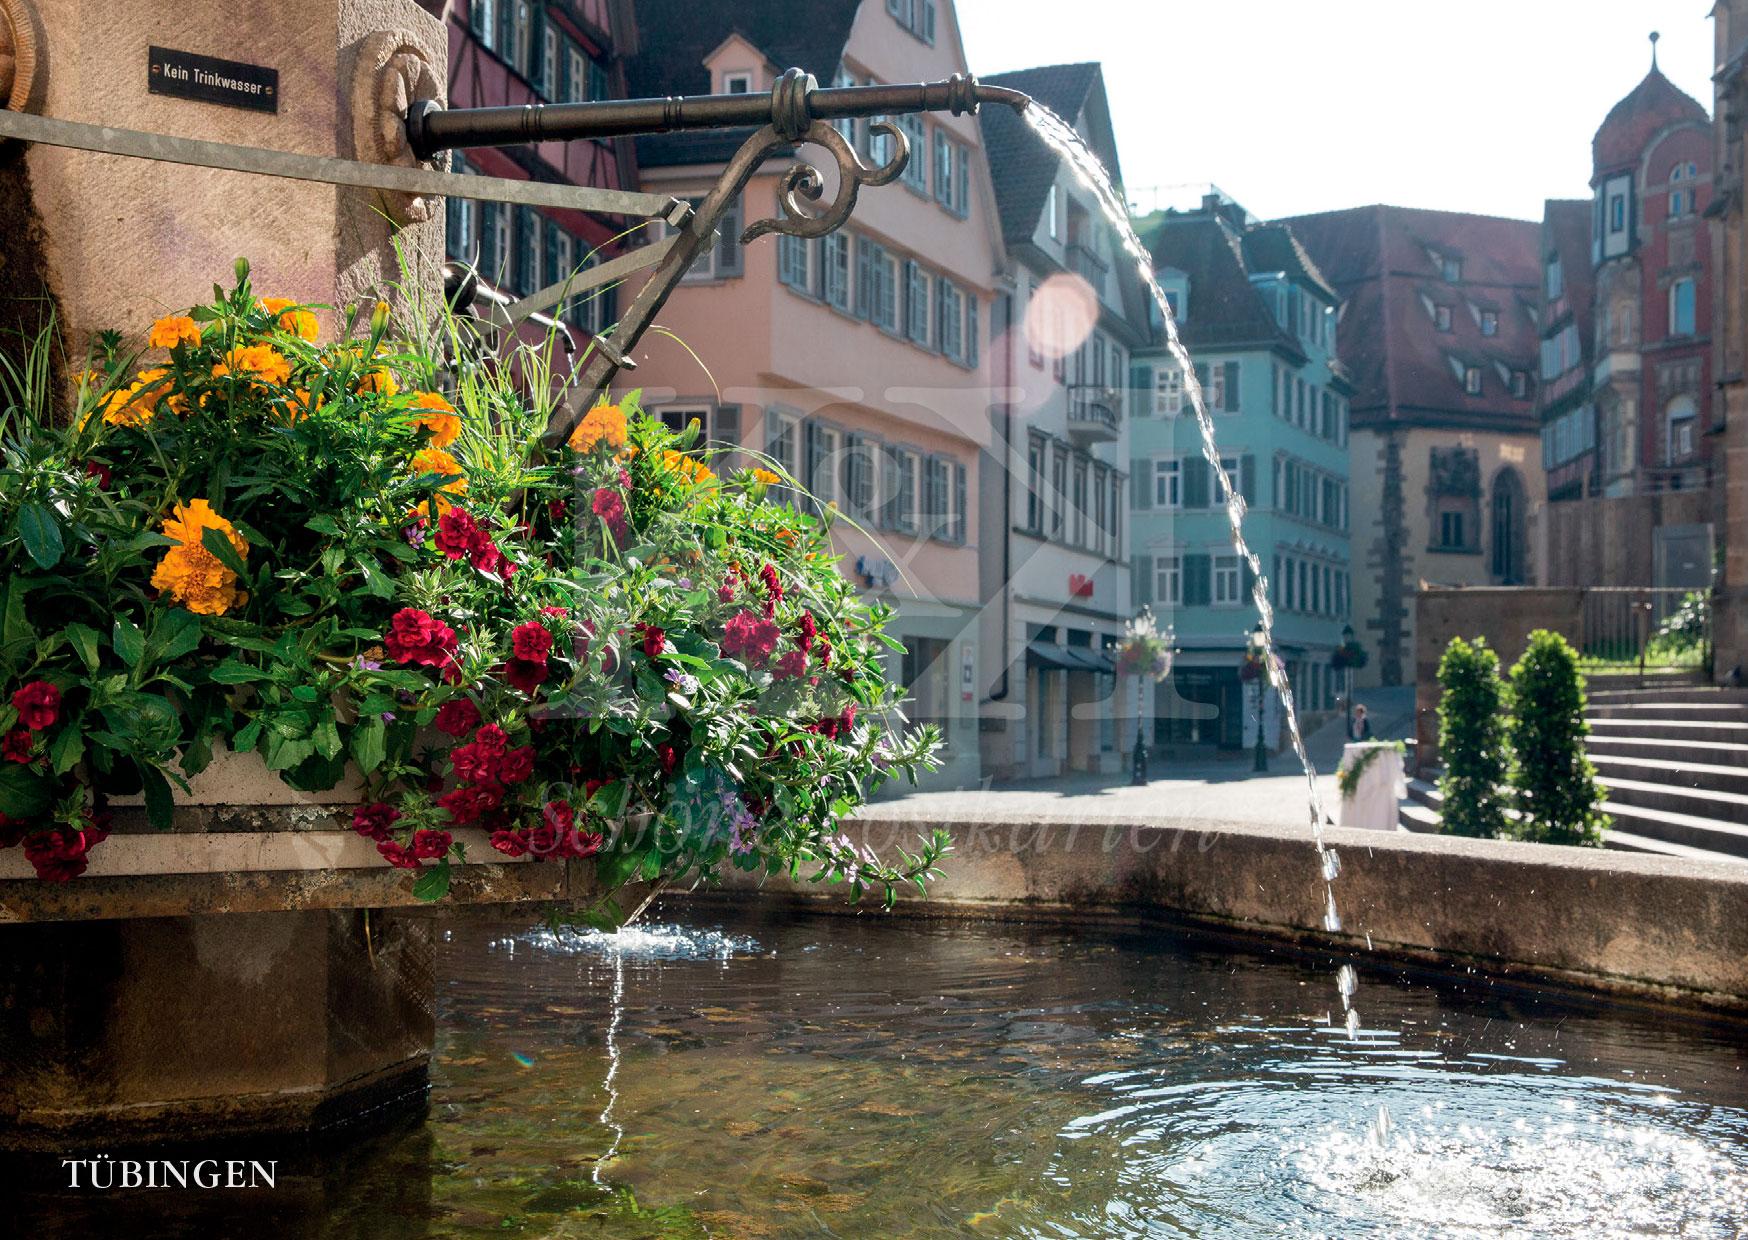 >>> NEU: Schöne Postkarte Nr. 91 · Georgsbrunnen am Holzmarkt in Tübingen